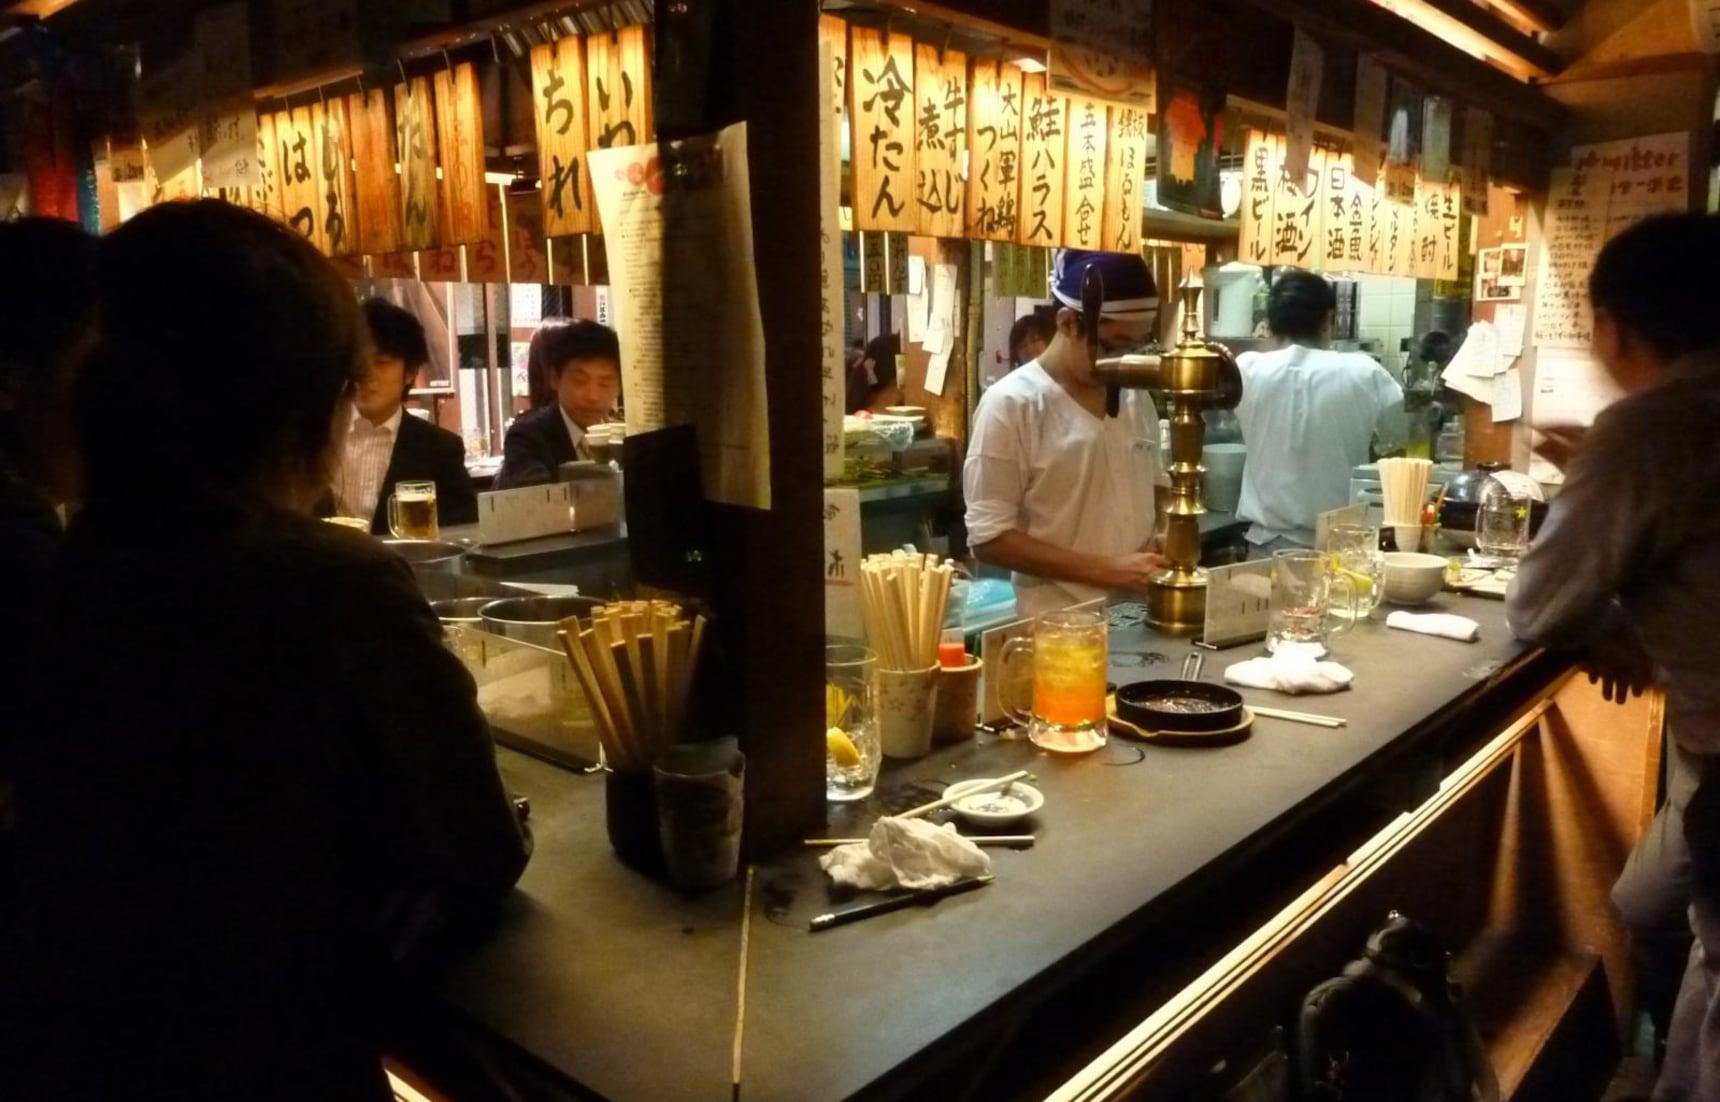 แนะนำ 5 ร้าน Tachinomi หรือร้านยืนดื่มใน Tokyo